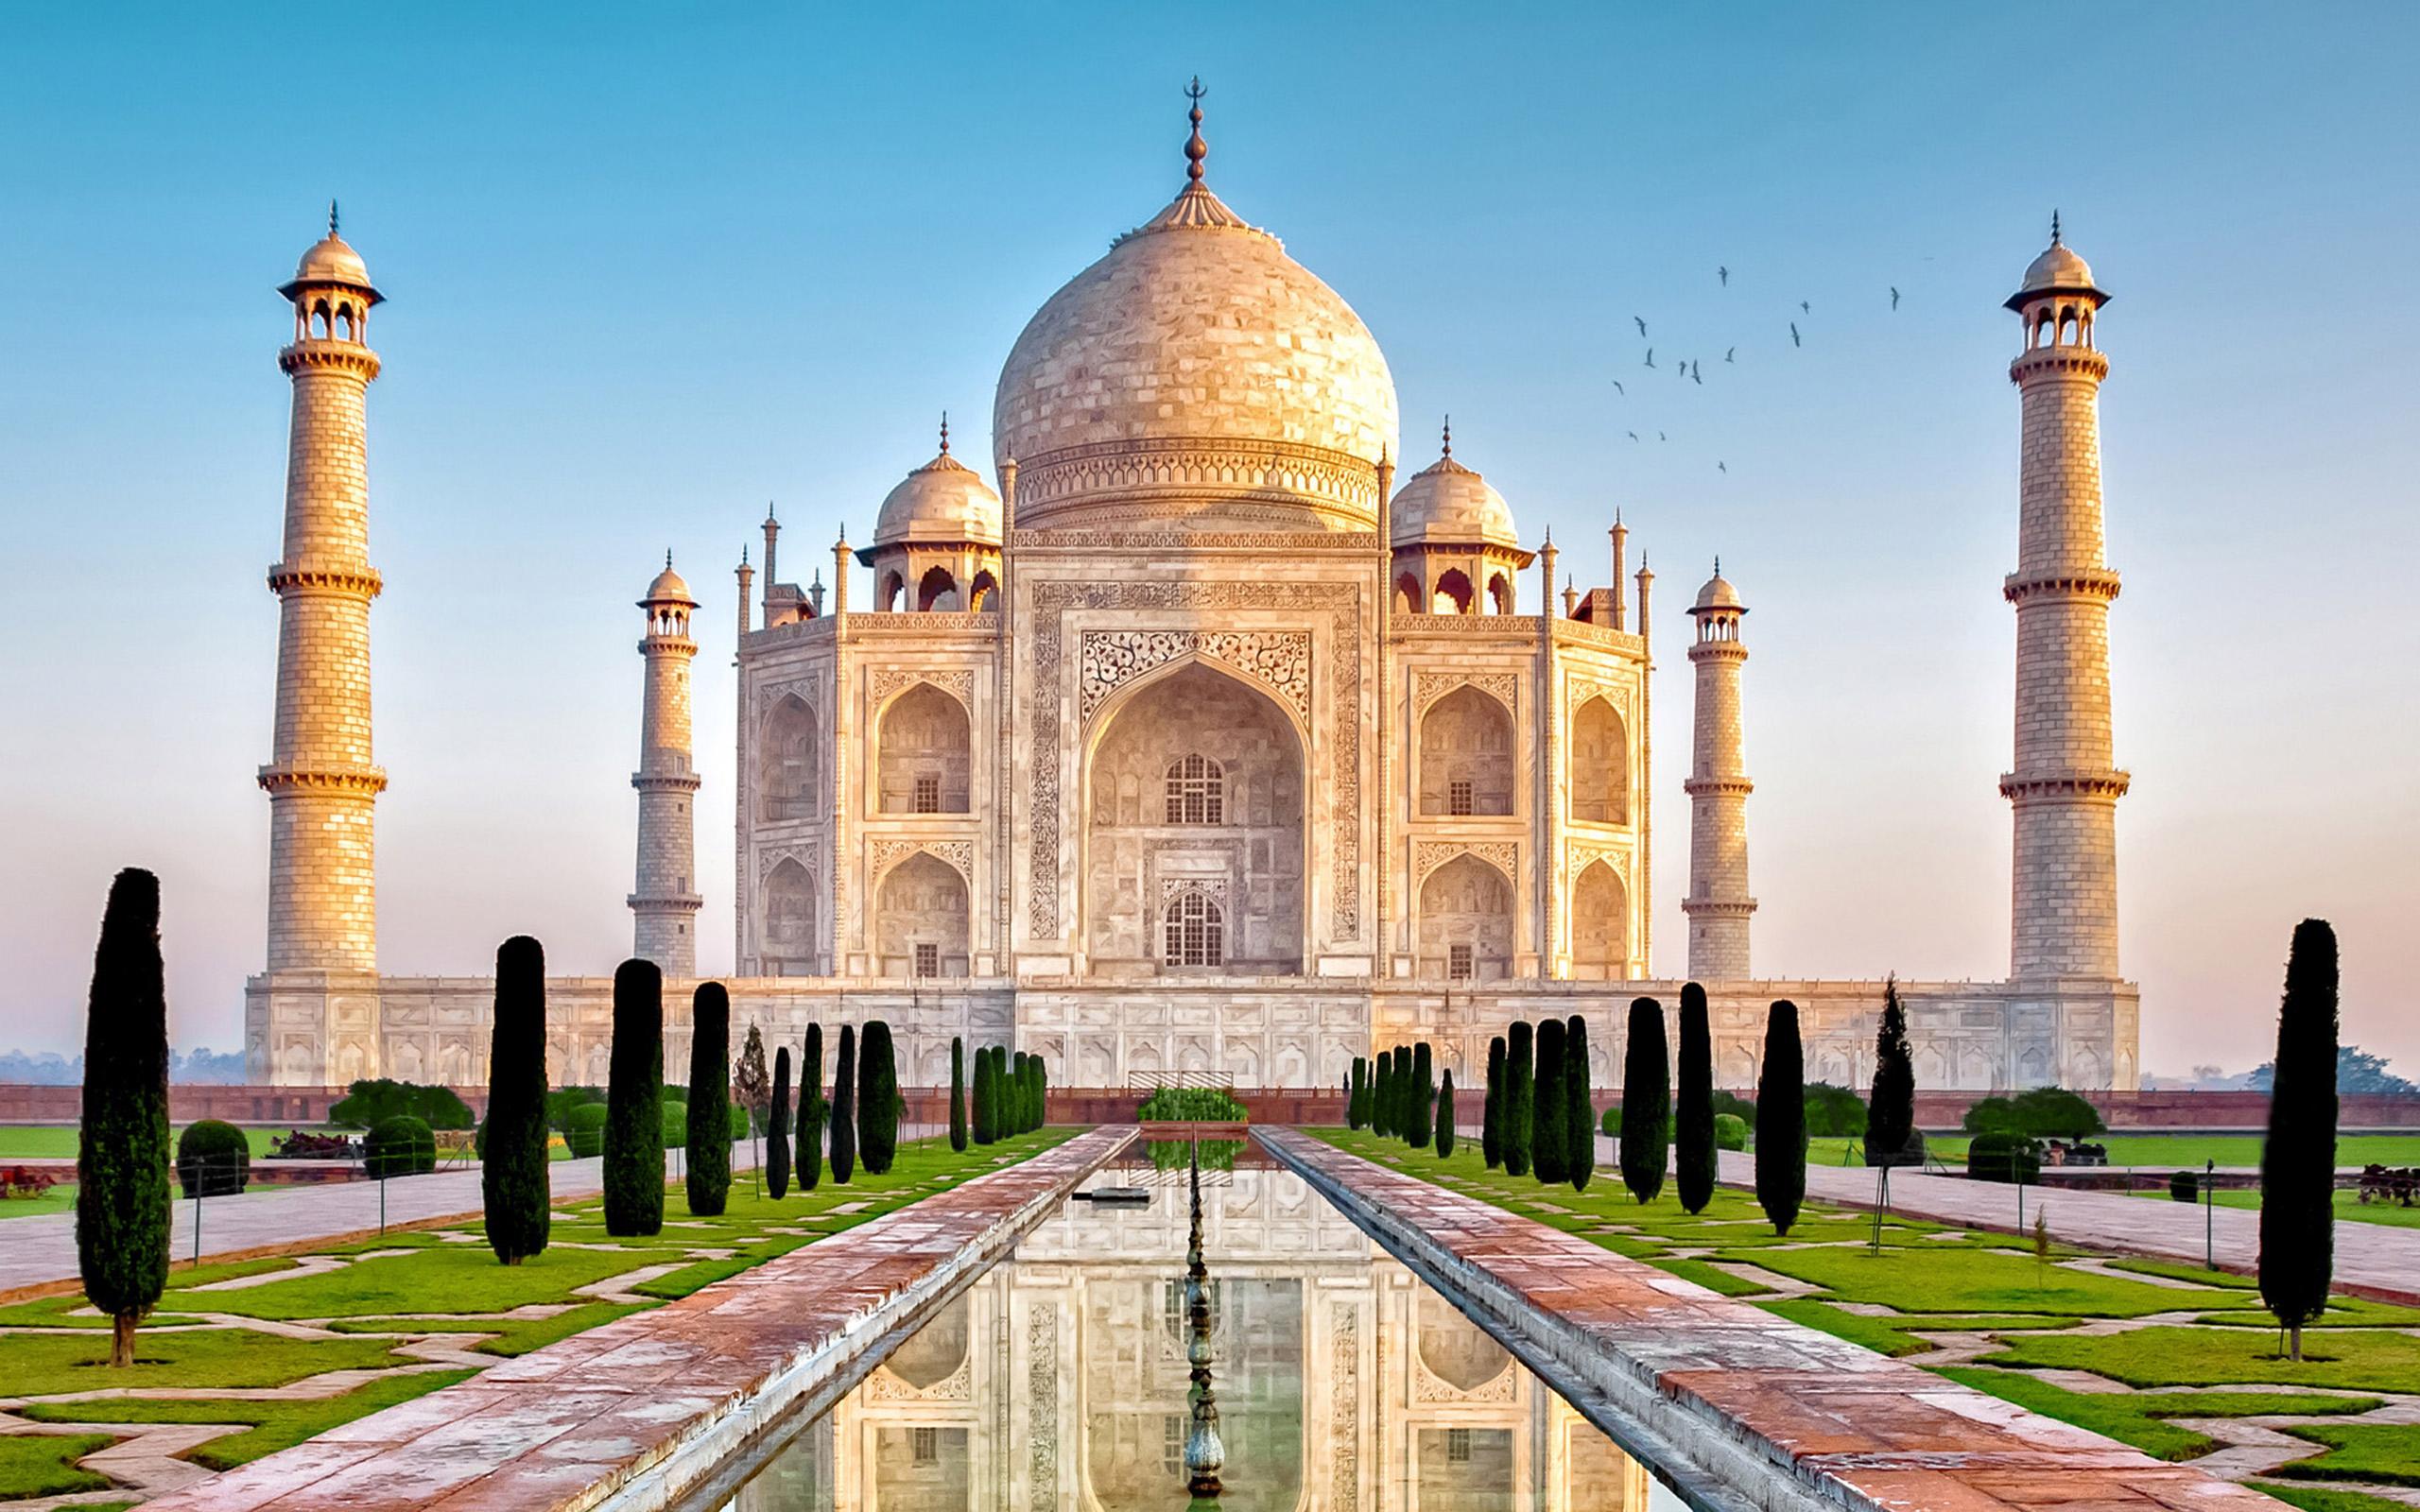 Images of Taj Mahal | 2560x1600